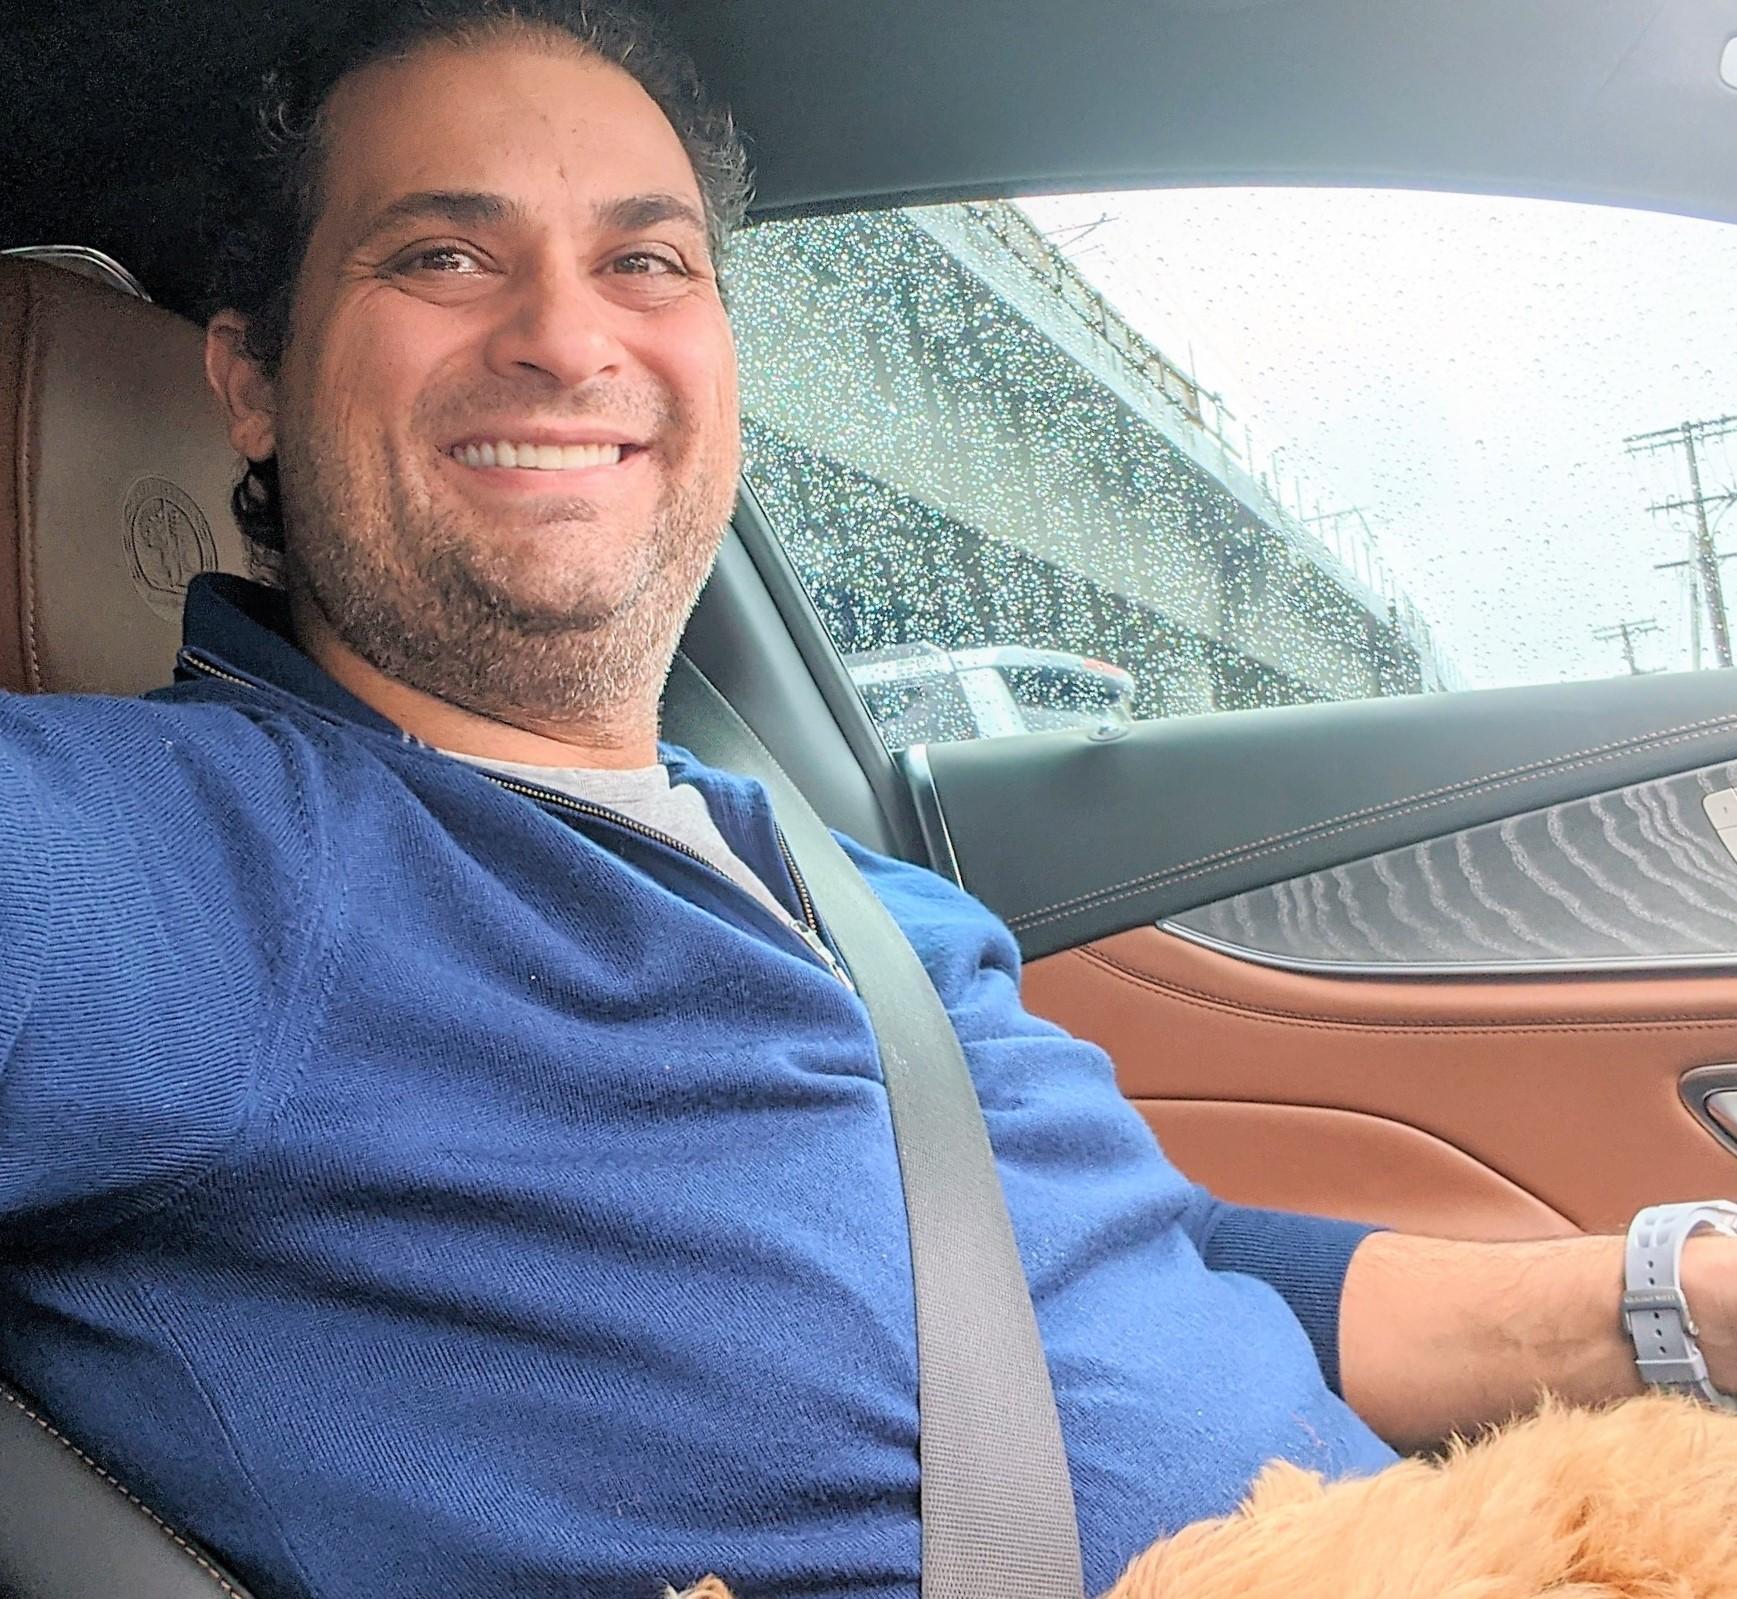 Dr. Navid Vahedi sitting in his car, smiling.